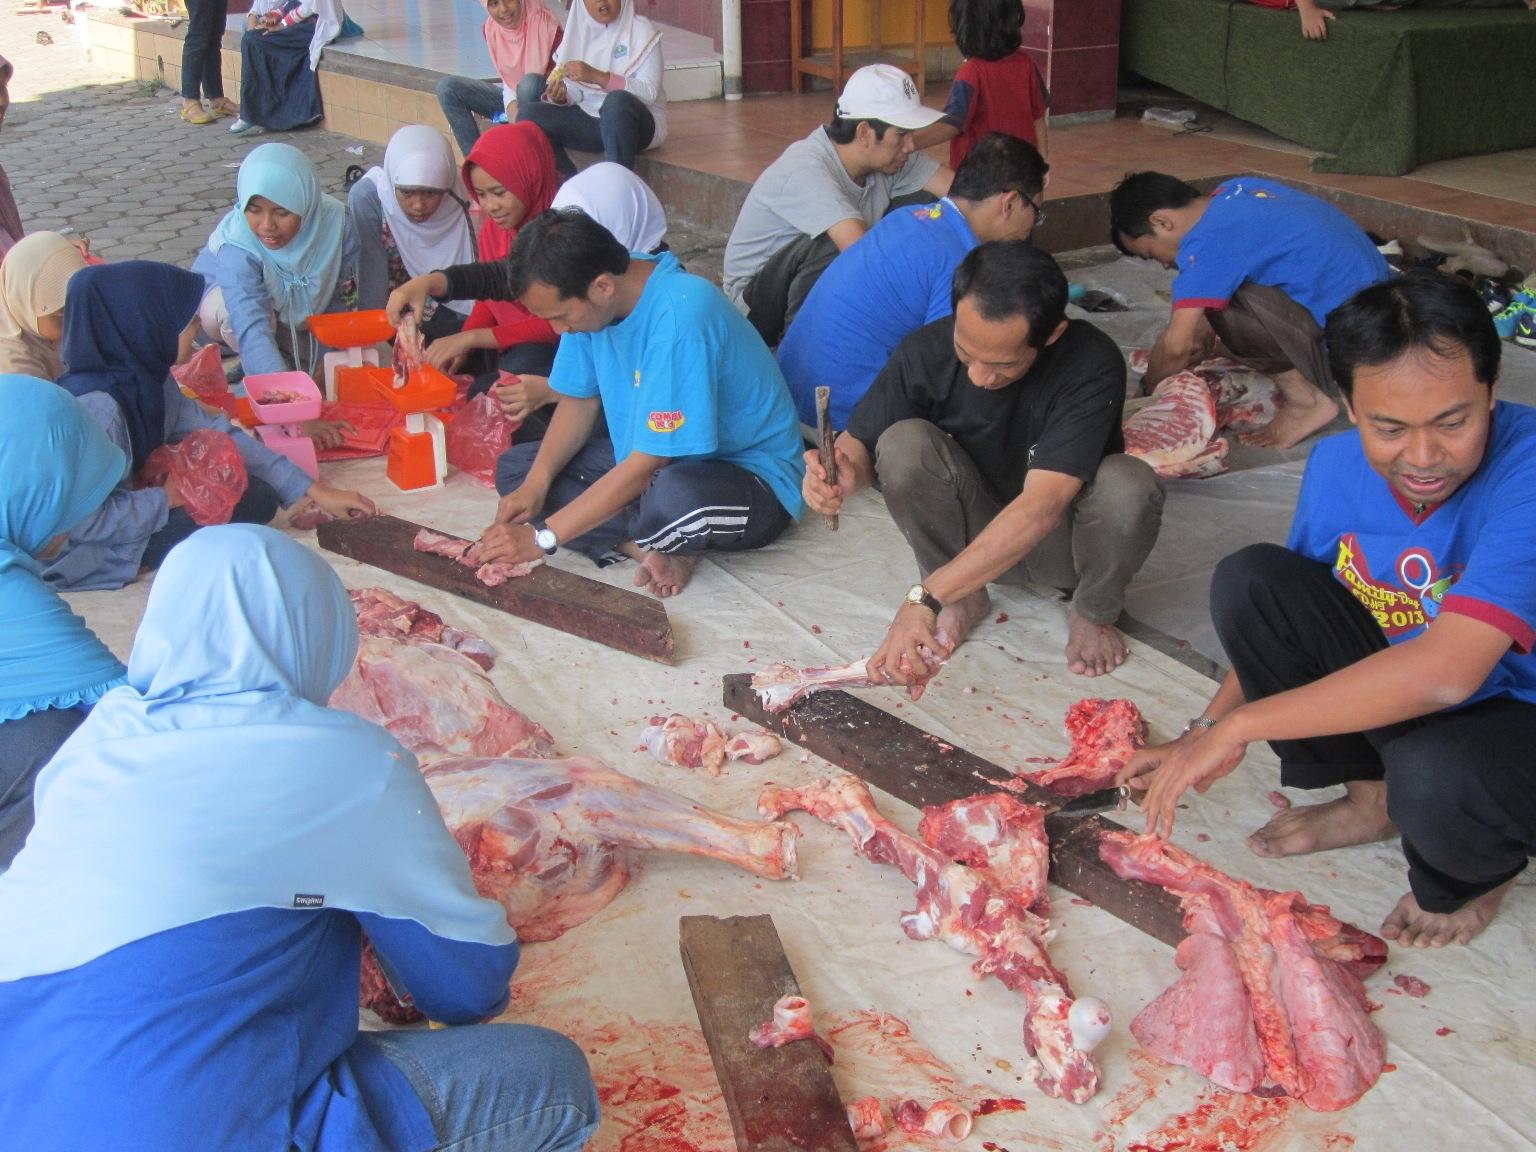 食育の一環で SD HIKMAH で屠殺した牛を生徒と一緒にさばいているところ